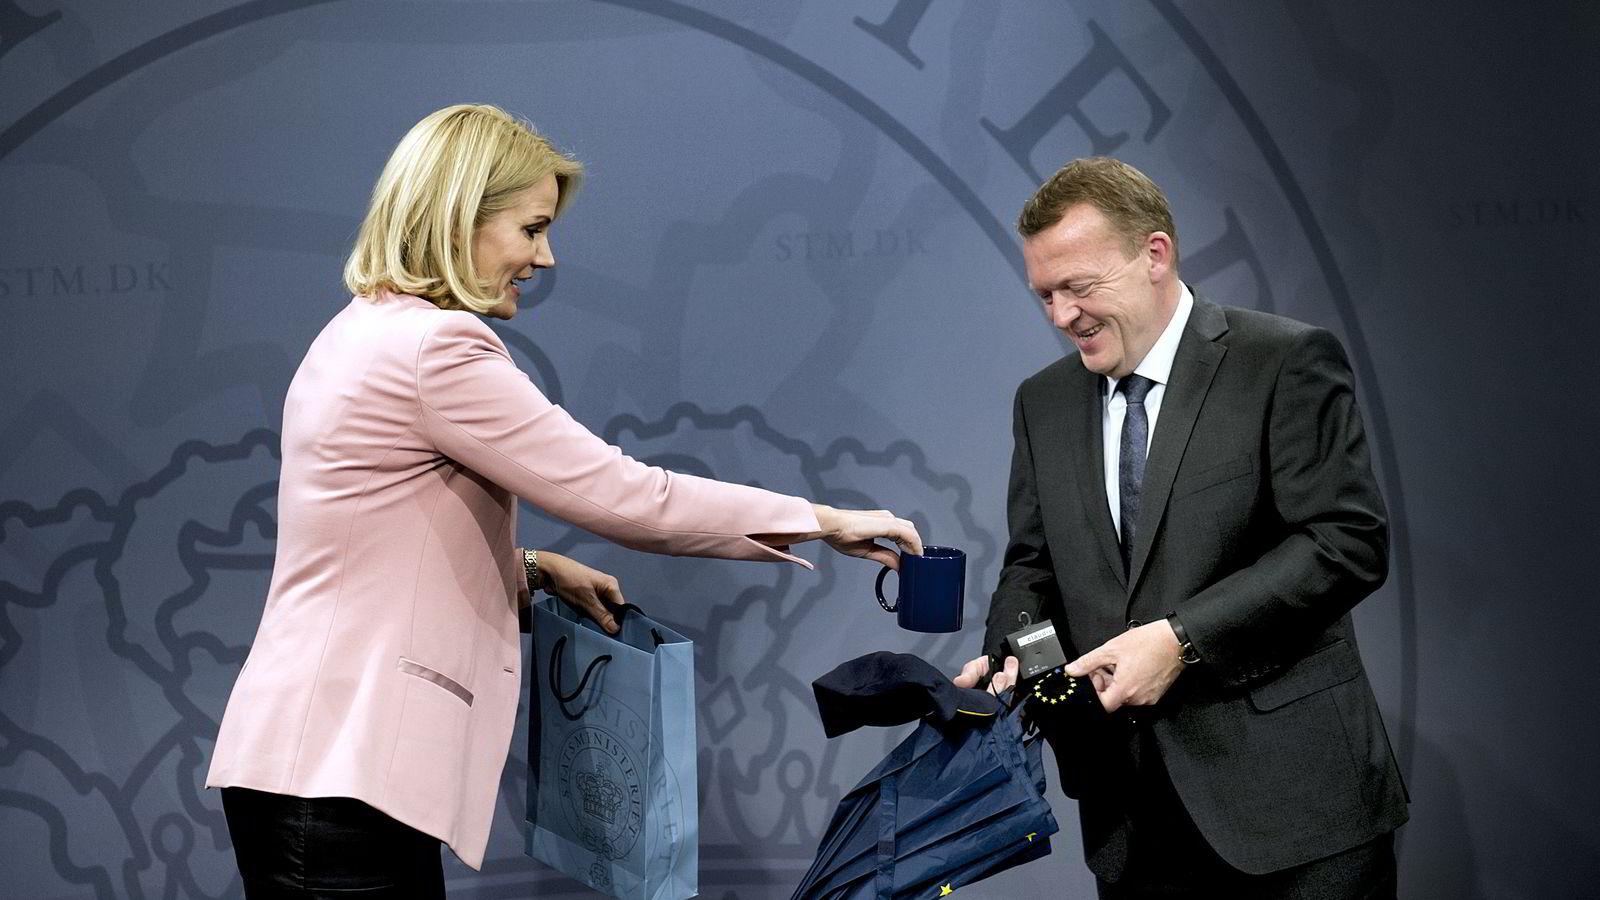 Ingenting var overlatt til tilfeldighetene da Helle Thorning-Schmidt og Lars Løkke Rasmussen utvekslet gaver i forbindelse med nøkkeloverleveringen ved det danske statsministerkontoret mandag. Foto: Scanpix Danmark